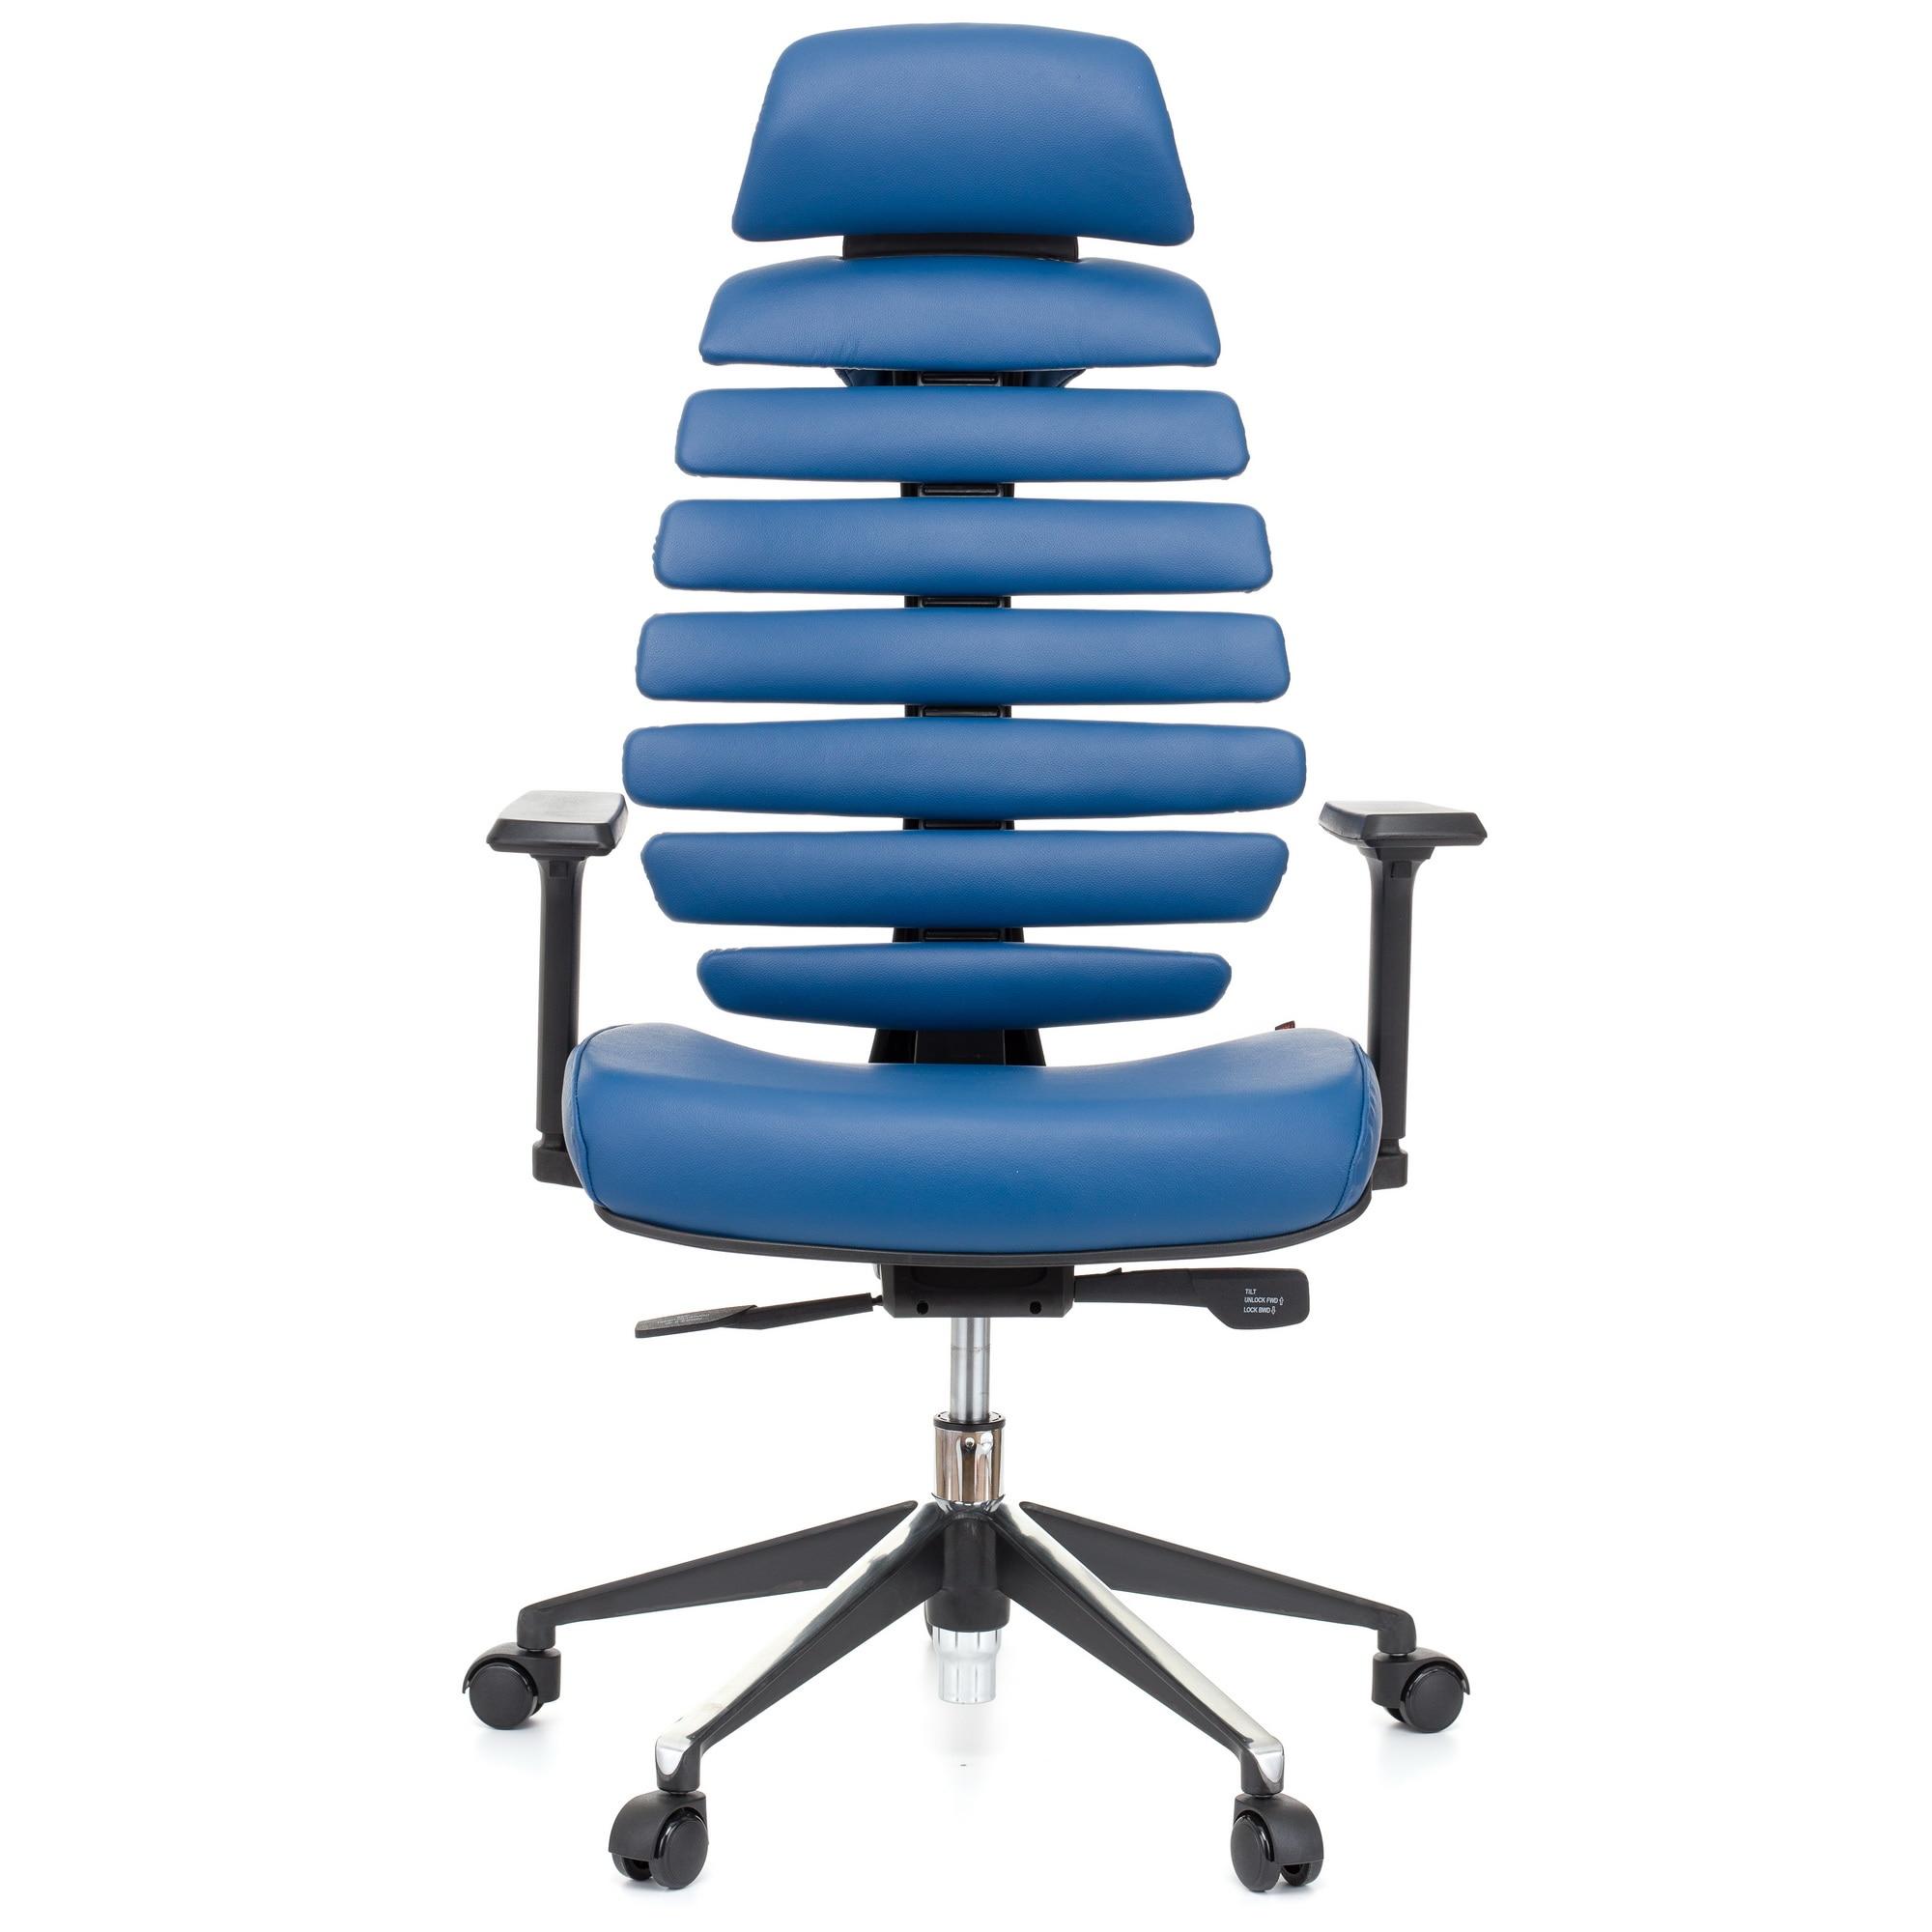 QMOBILI ERGO LINE HI Kék ergonomikus szék, valódi bőr, fejtámla, csúszó ülés, önállóan állítható deréktámasz, állítható 3D karfa, alumínium